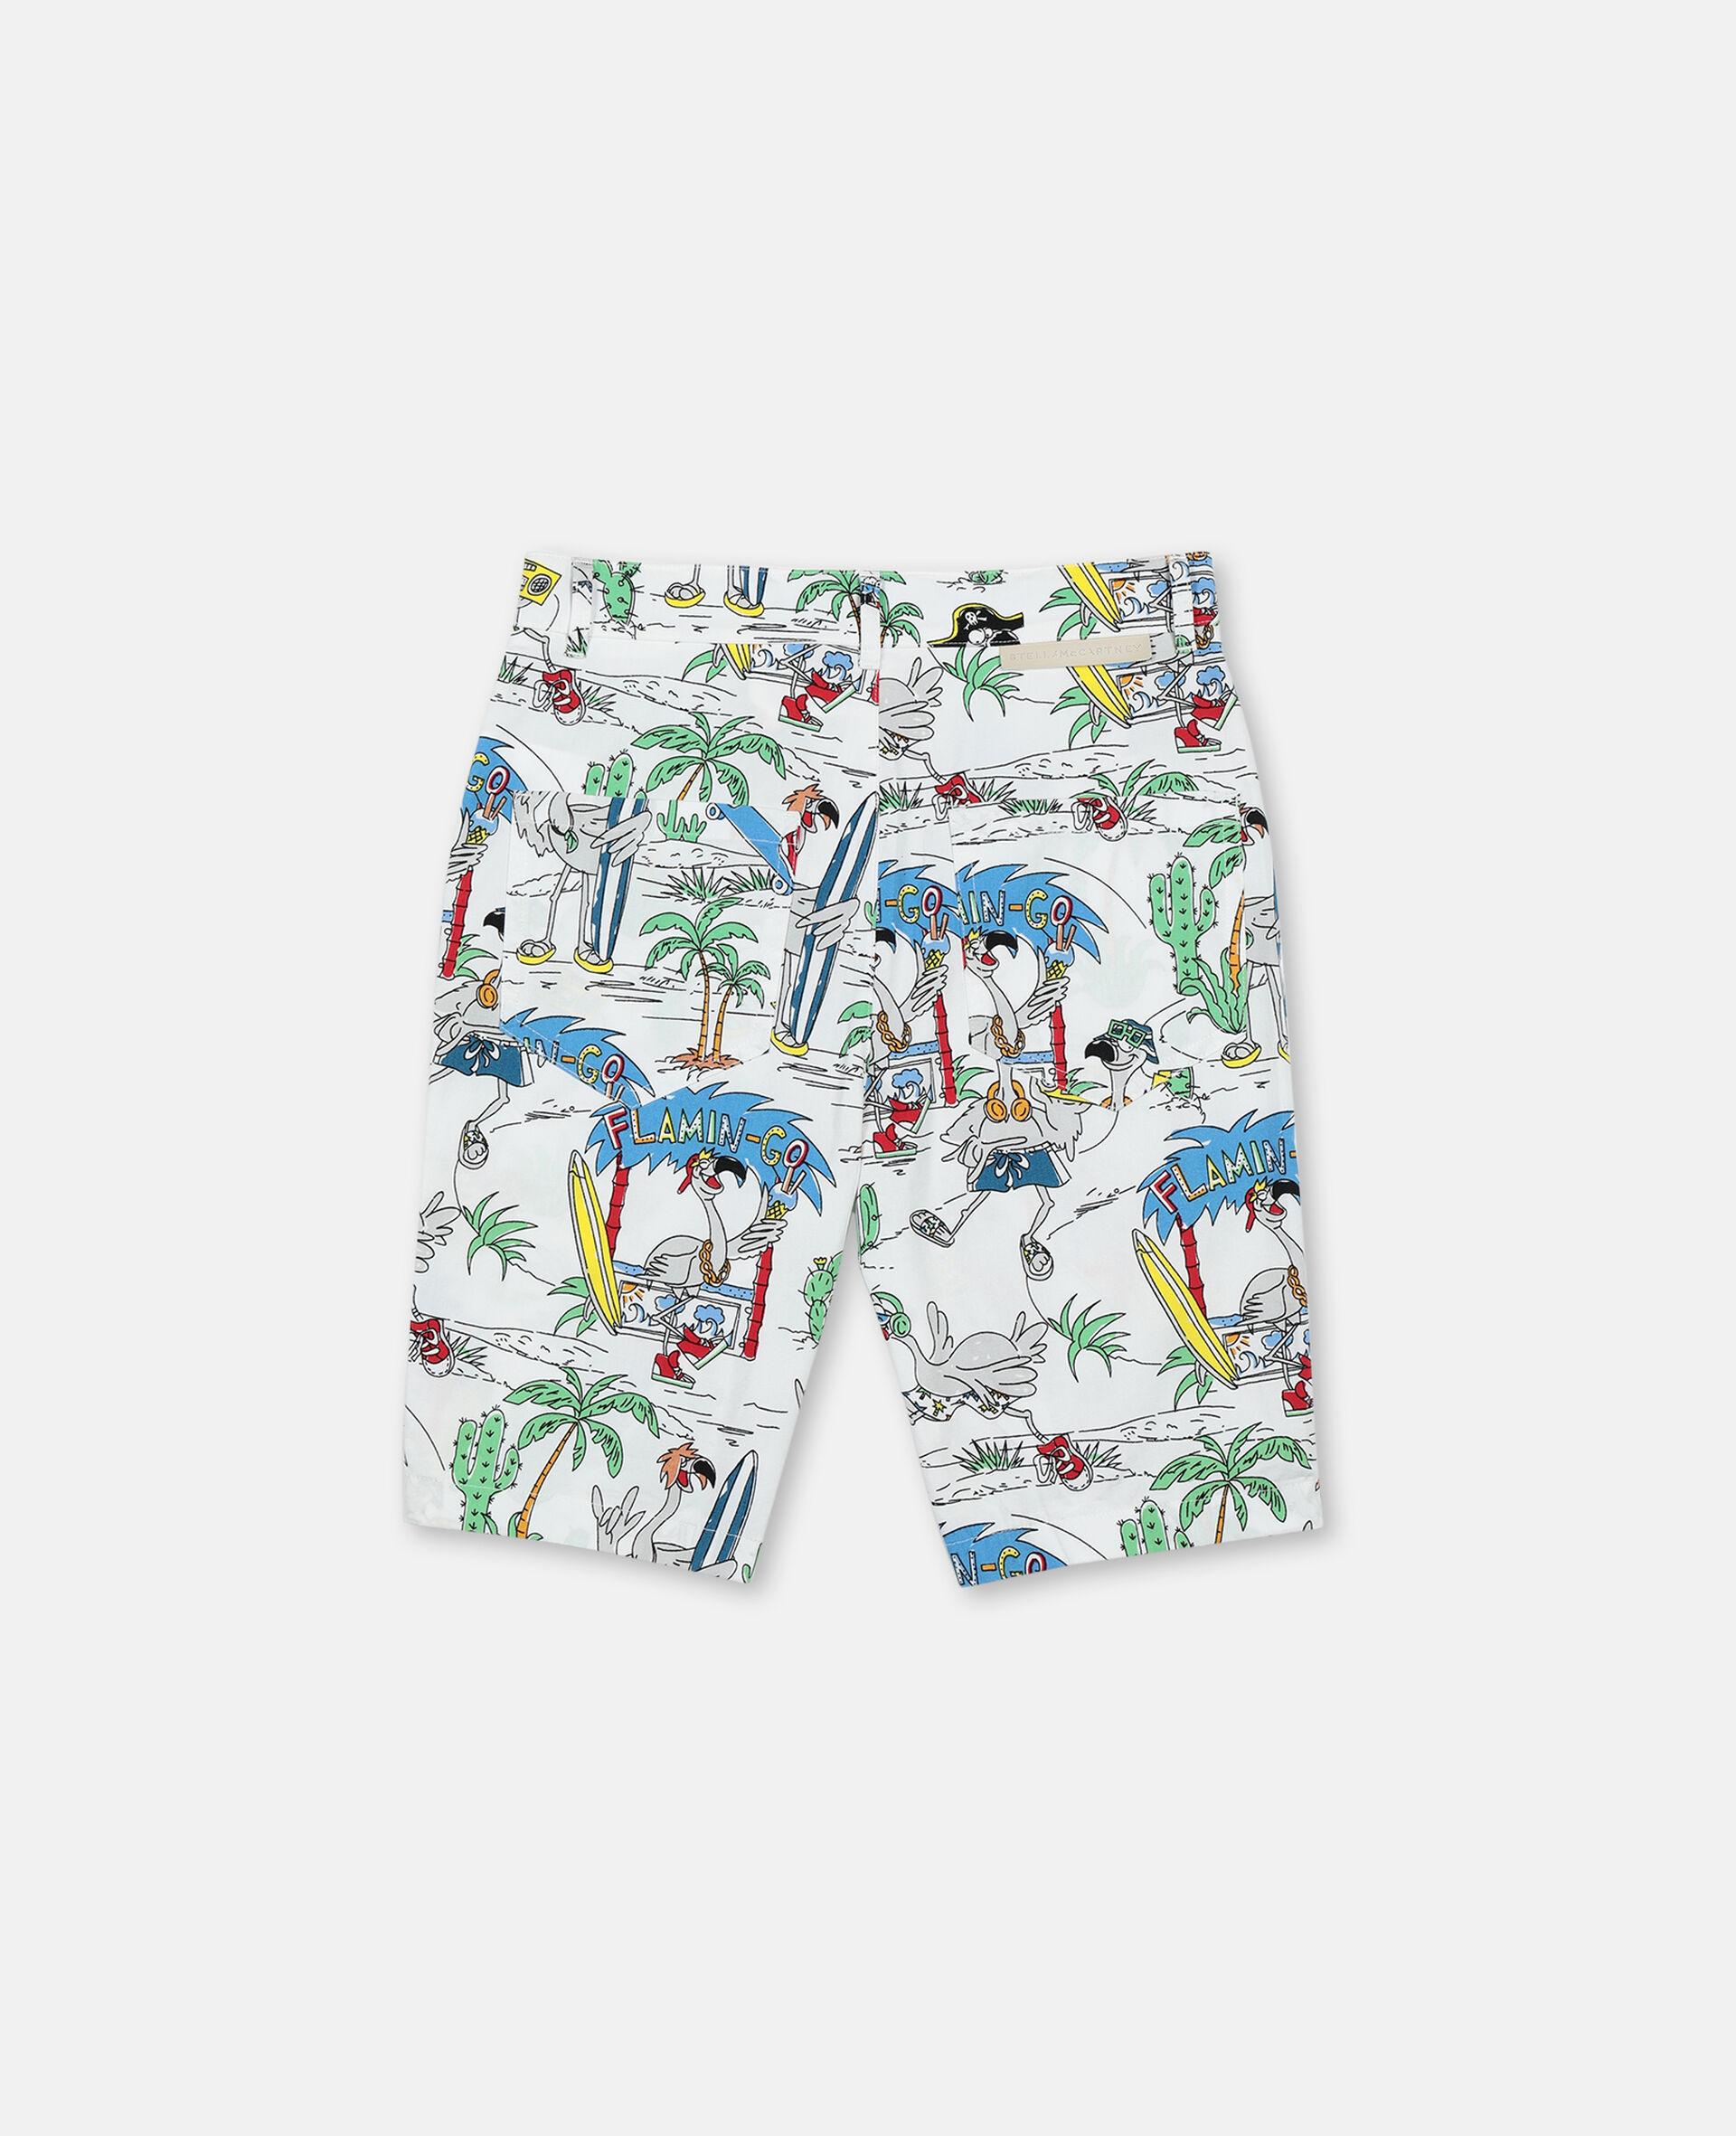 Flamingo Land Cotton Shorts -Multicolour-large image number 3